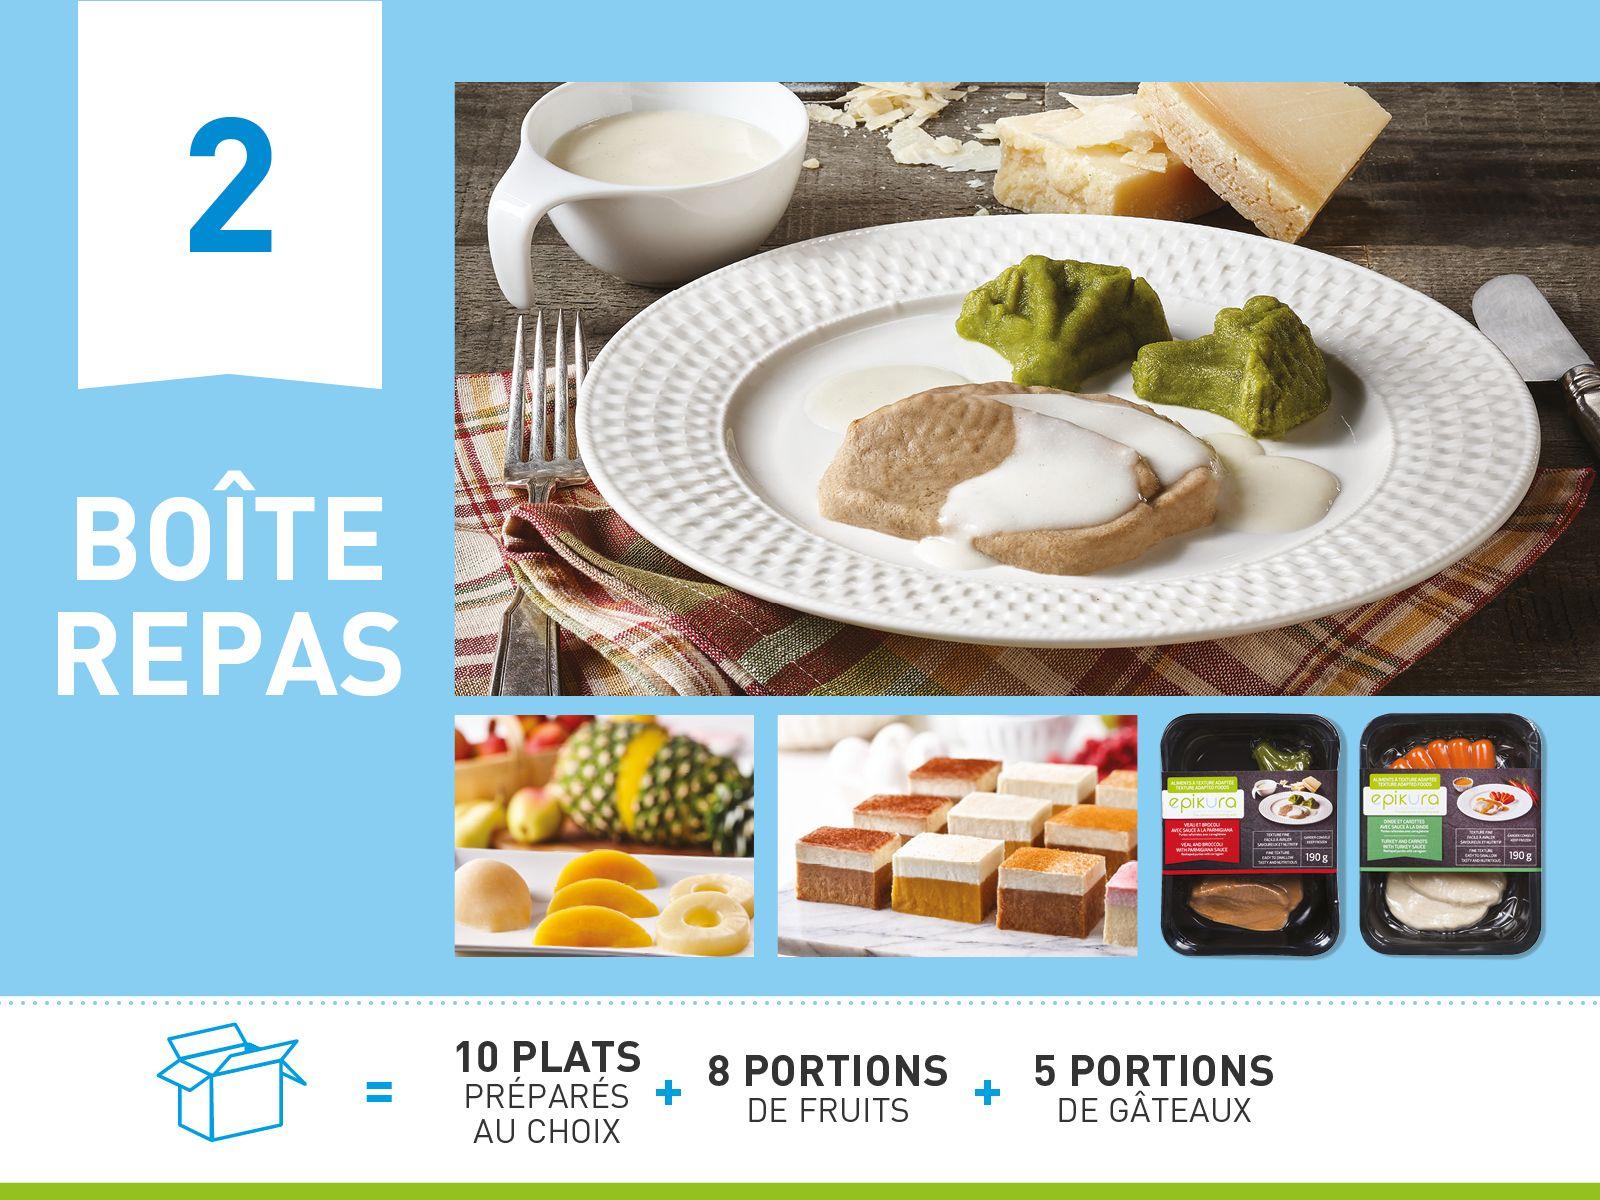 Boîte repas #2 - Promotion assiette et dôme gratuits